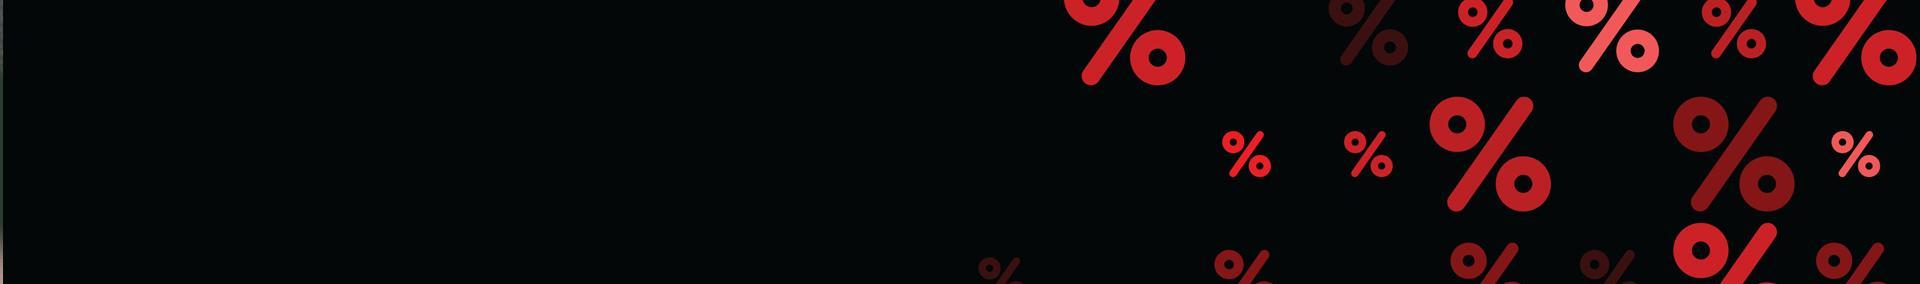 Znaki procentowe na czarnym tle